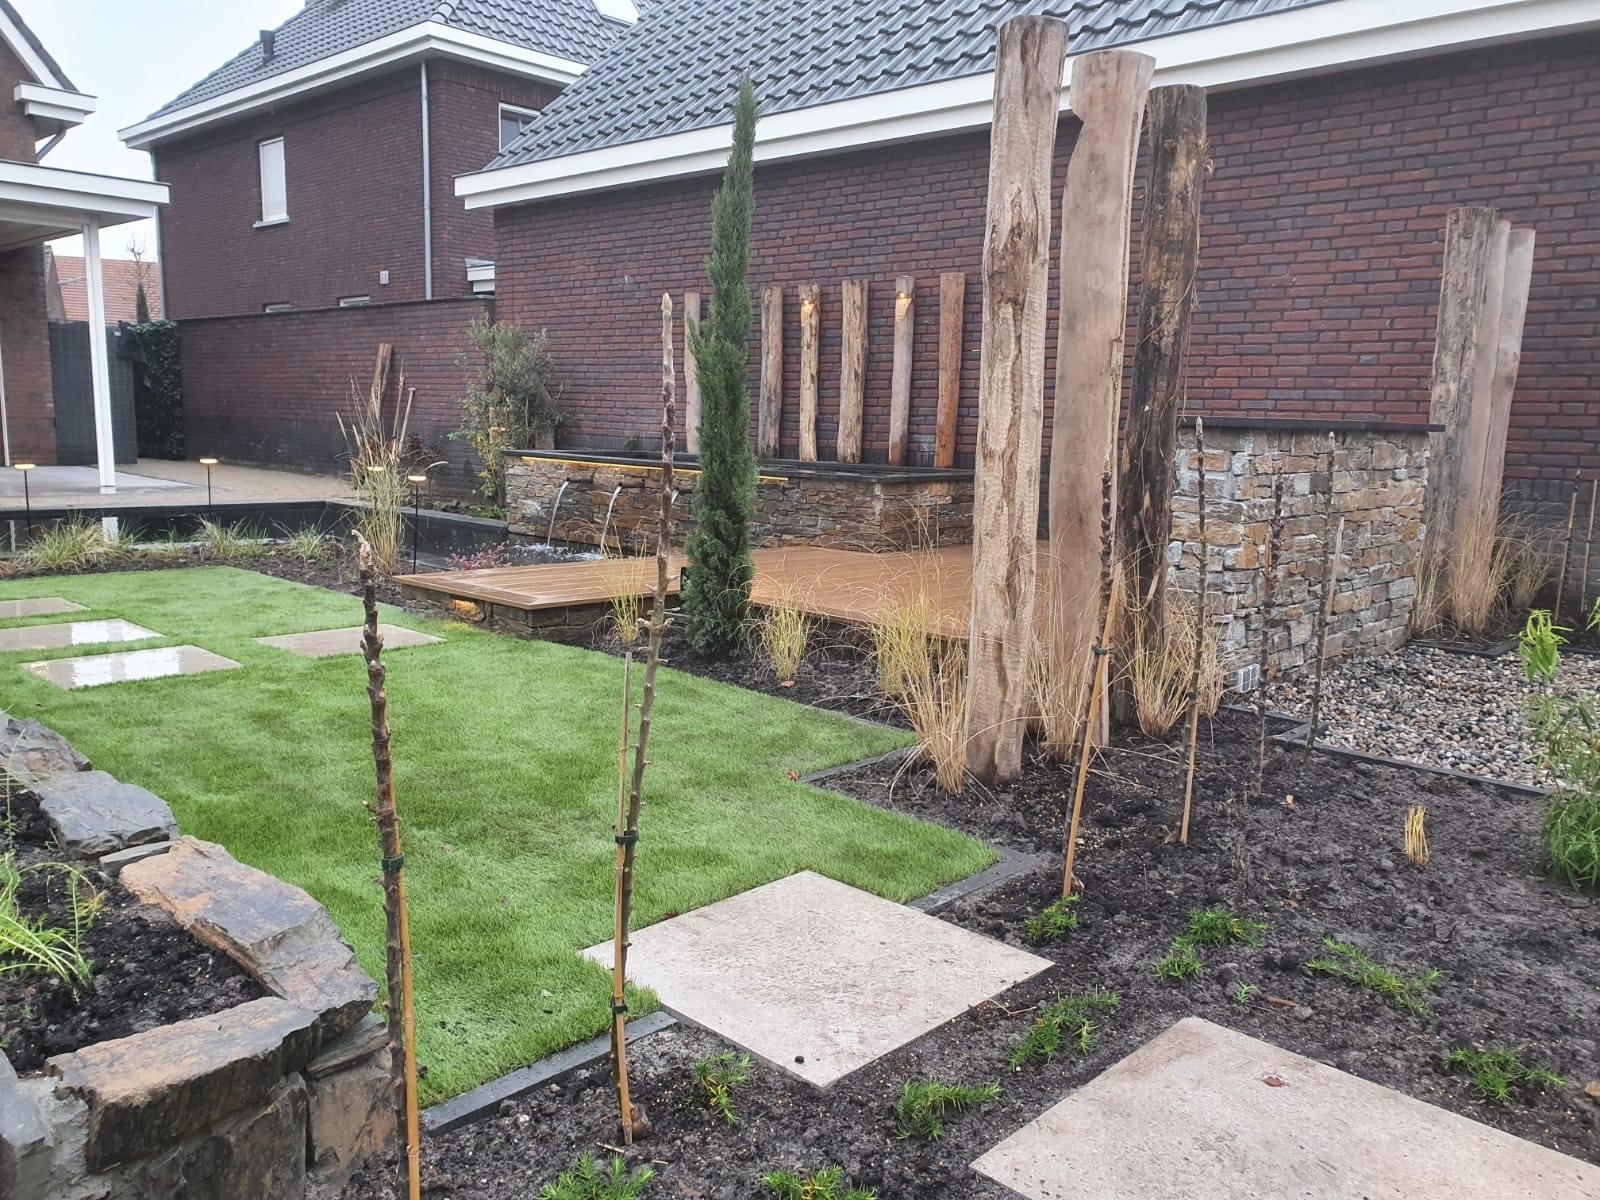 Lekker weg in eigen tuin project